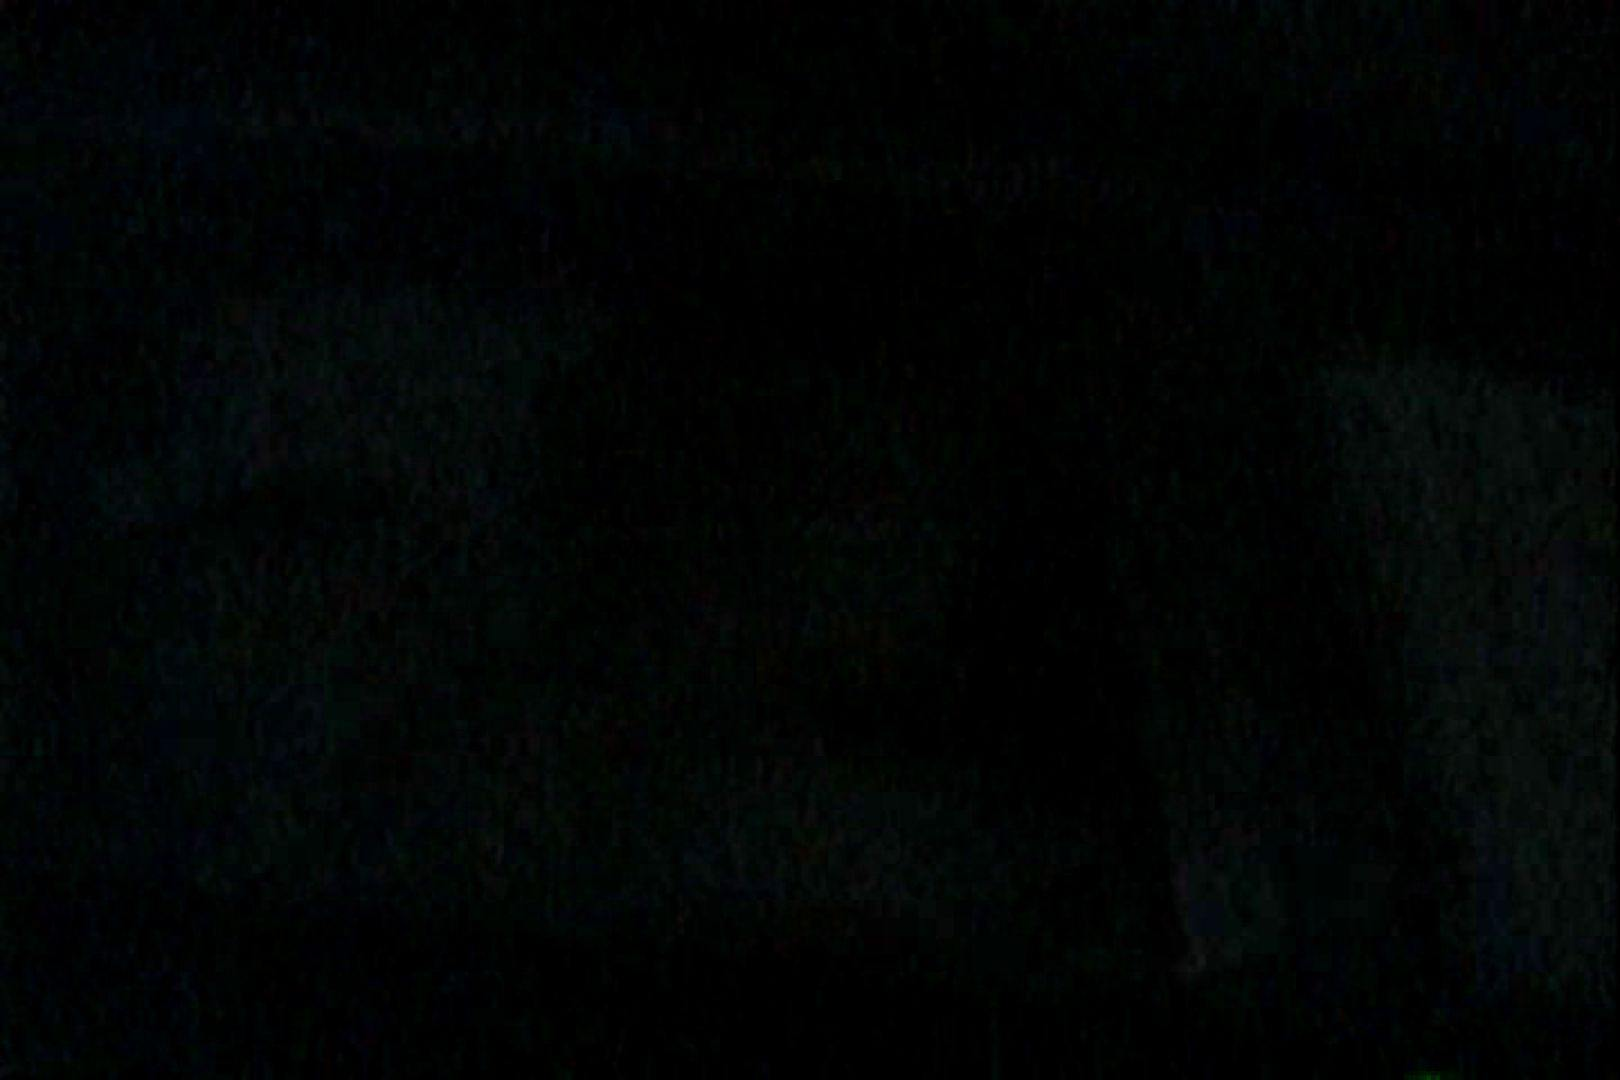 充血監督の深夜の運動会Vol.129 赤外線 盗撮われめAV動画紹介 85連発 71